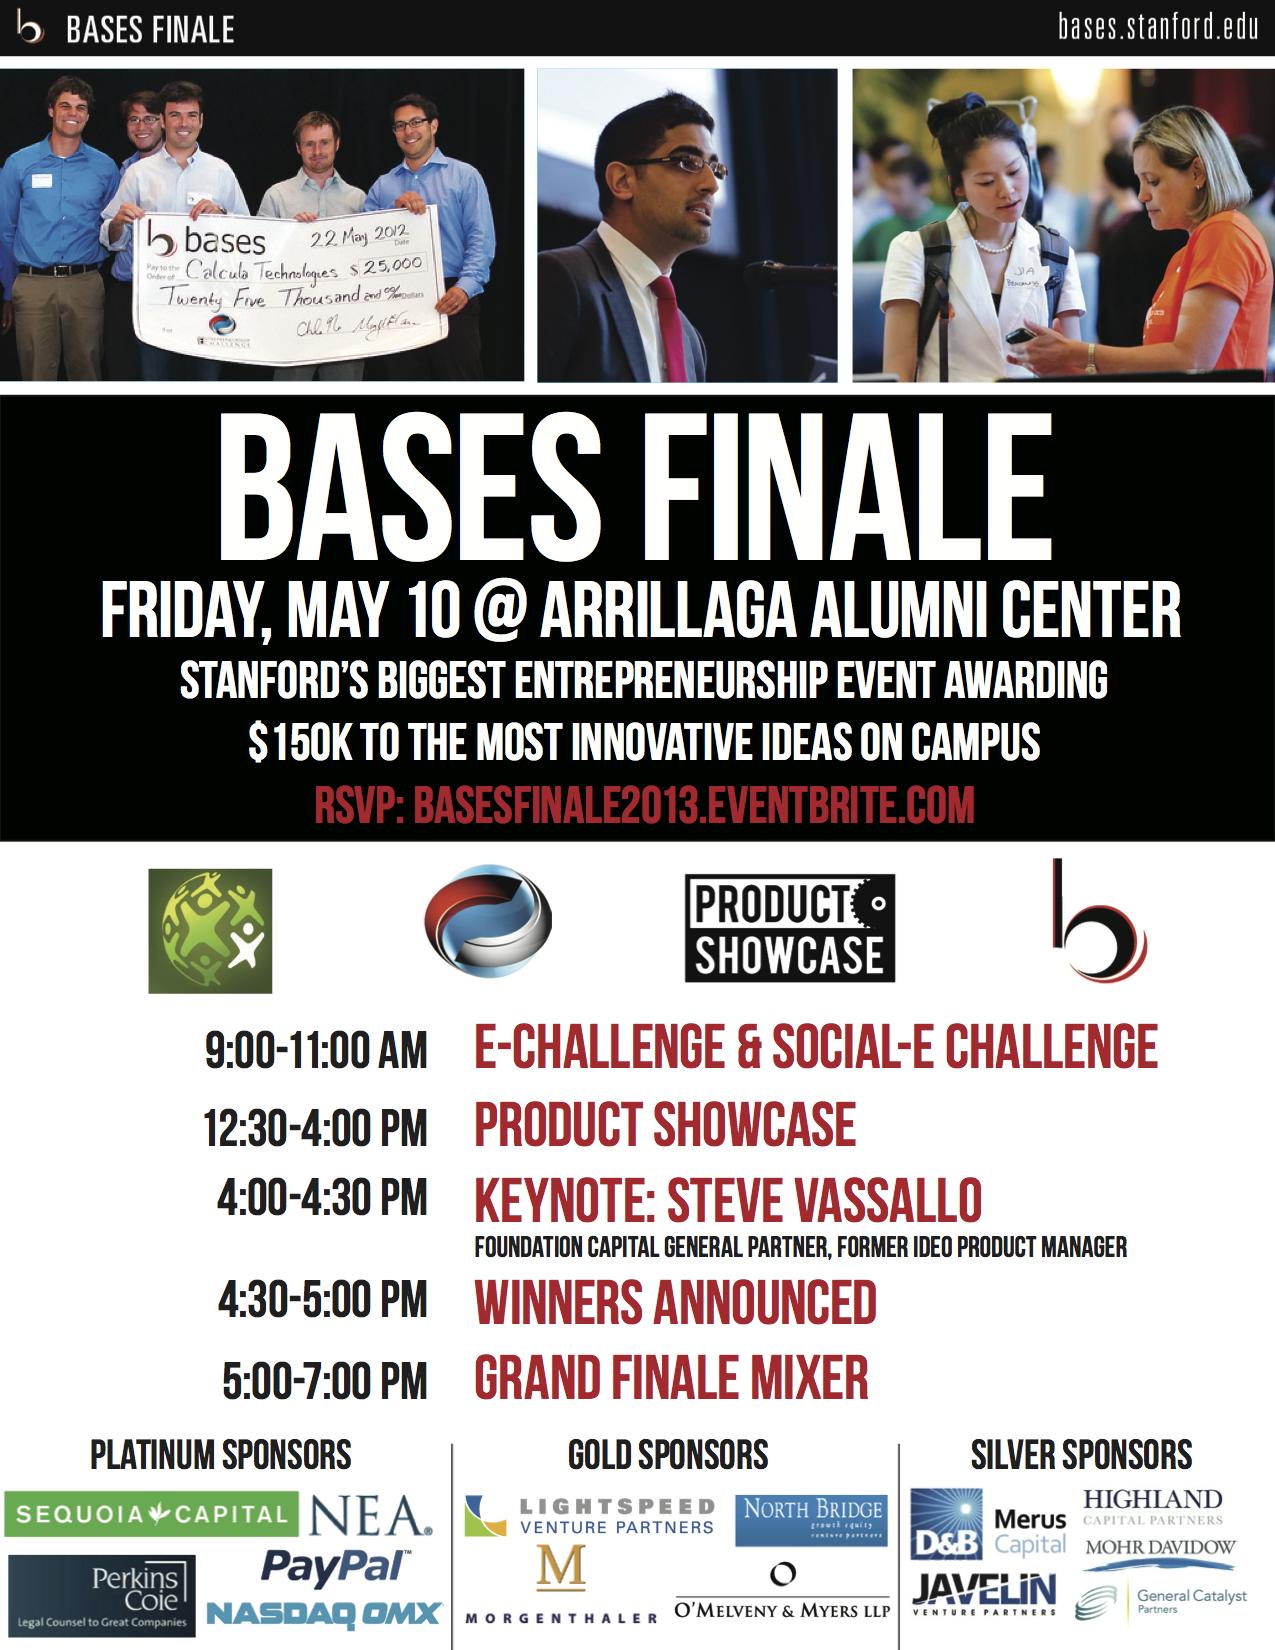 bases_finale_flyer